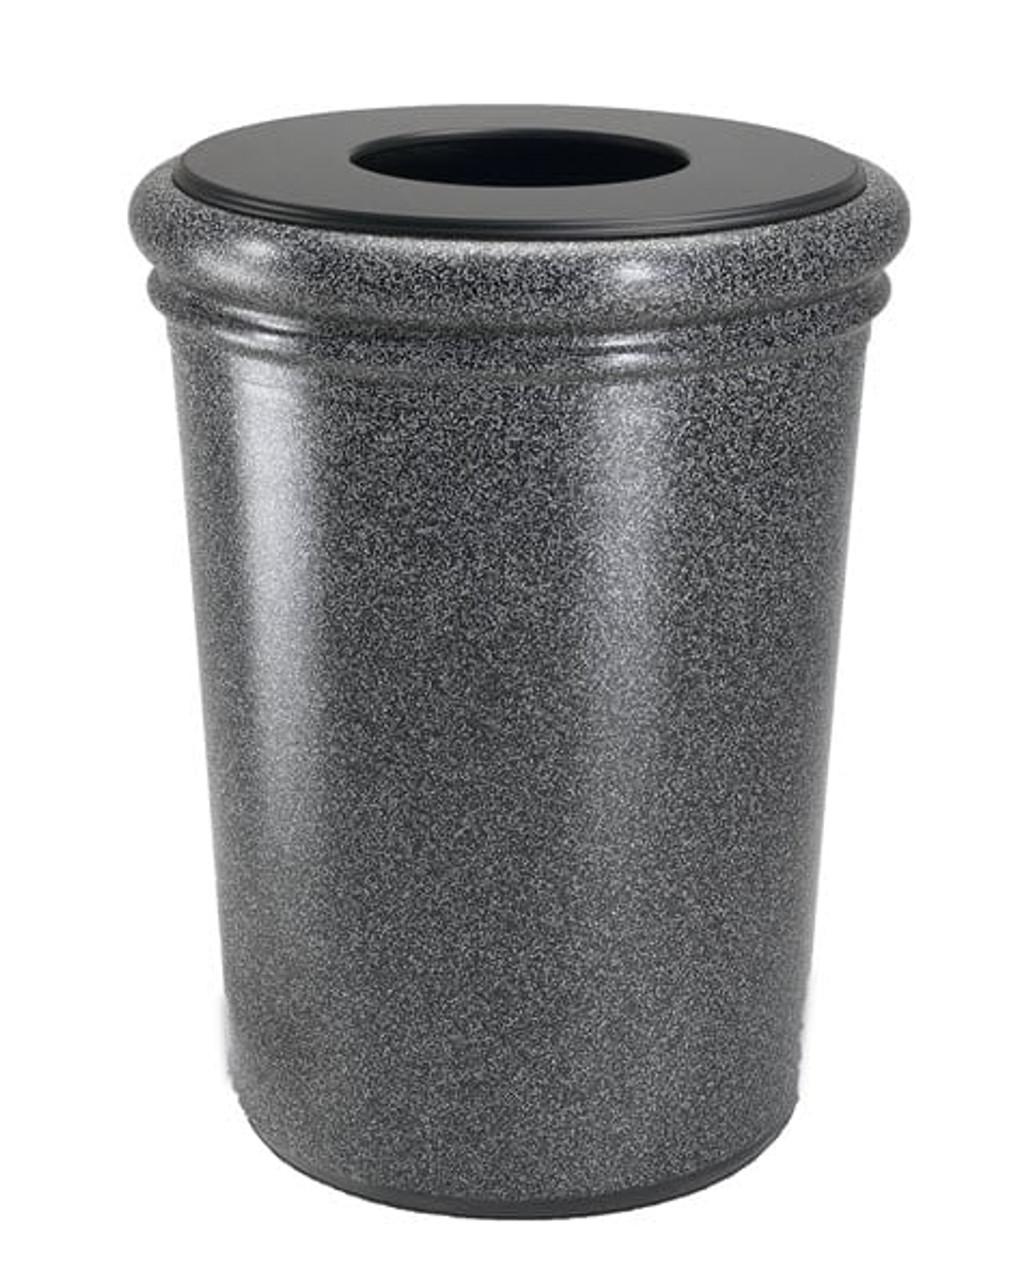 50 Gallon StoneTec Concrete Fiberglass Decorative Trash Can Pepperstone